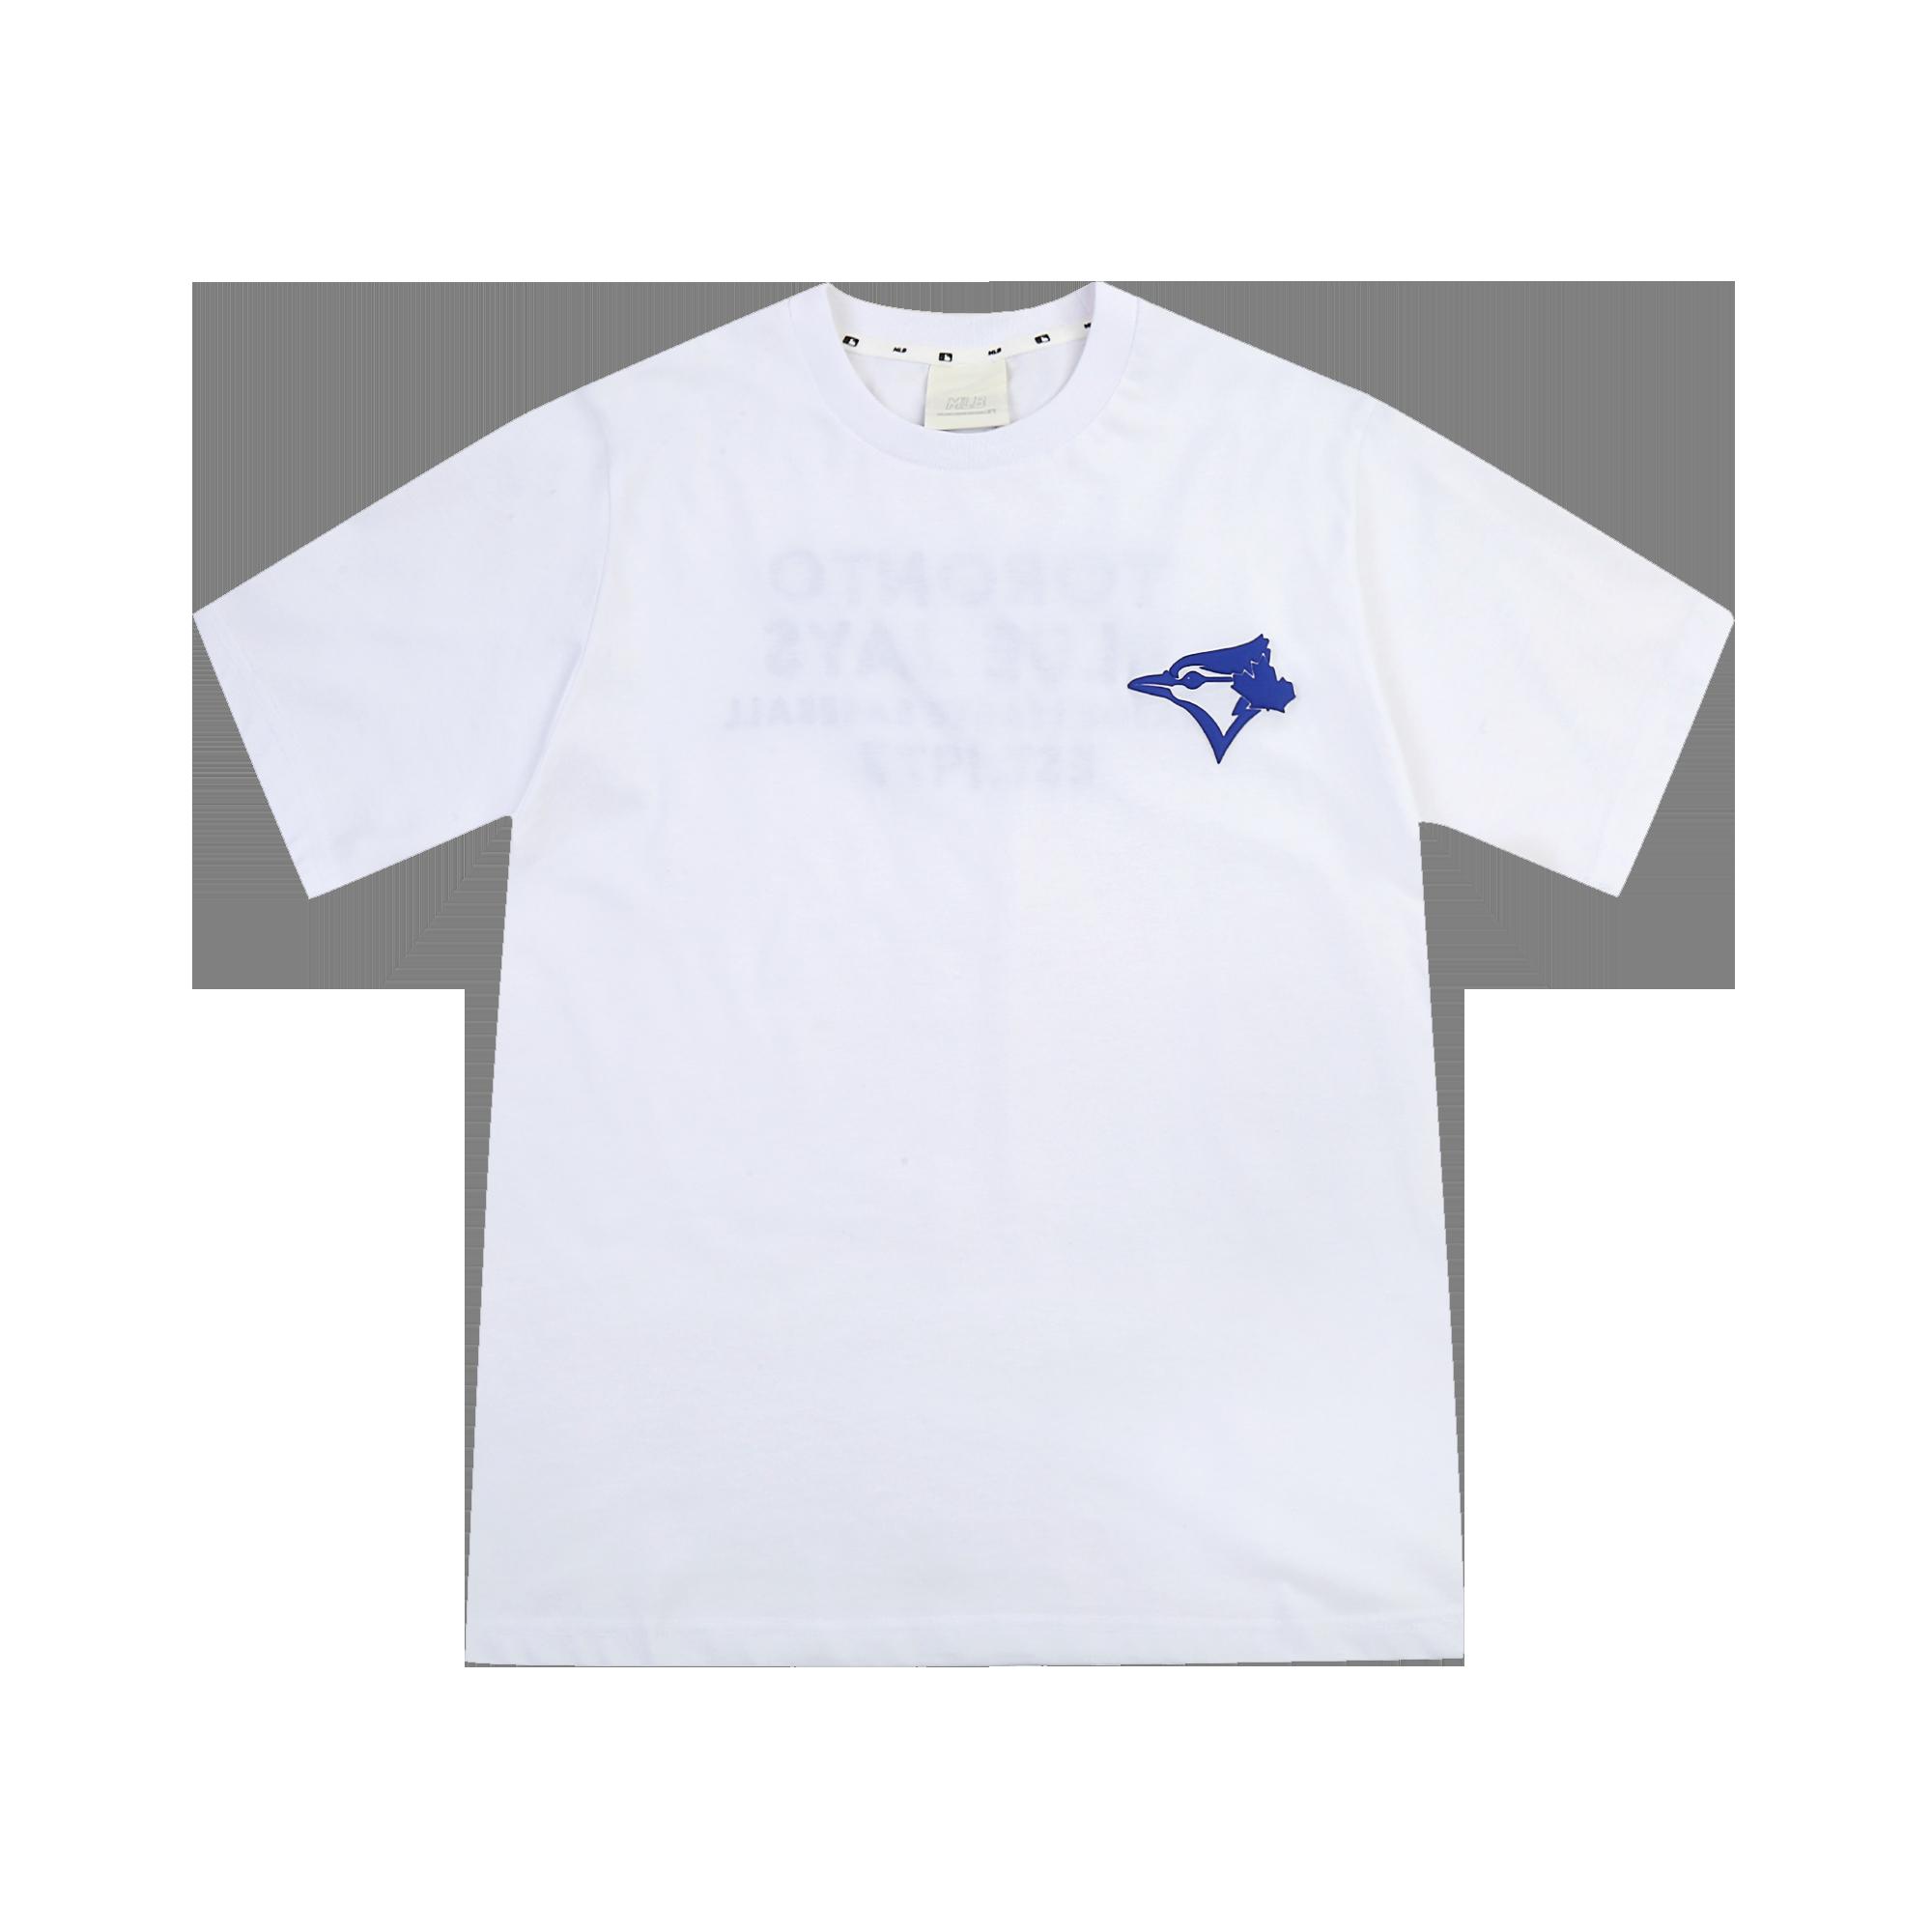 팝콘 반팔 티셔츠 토론토 블루제이스